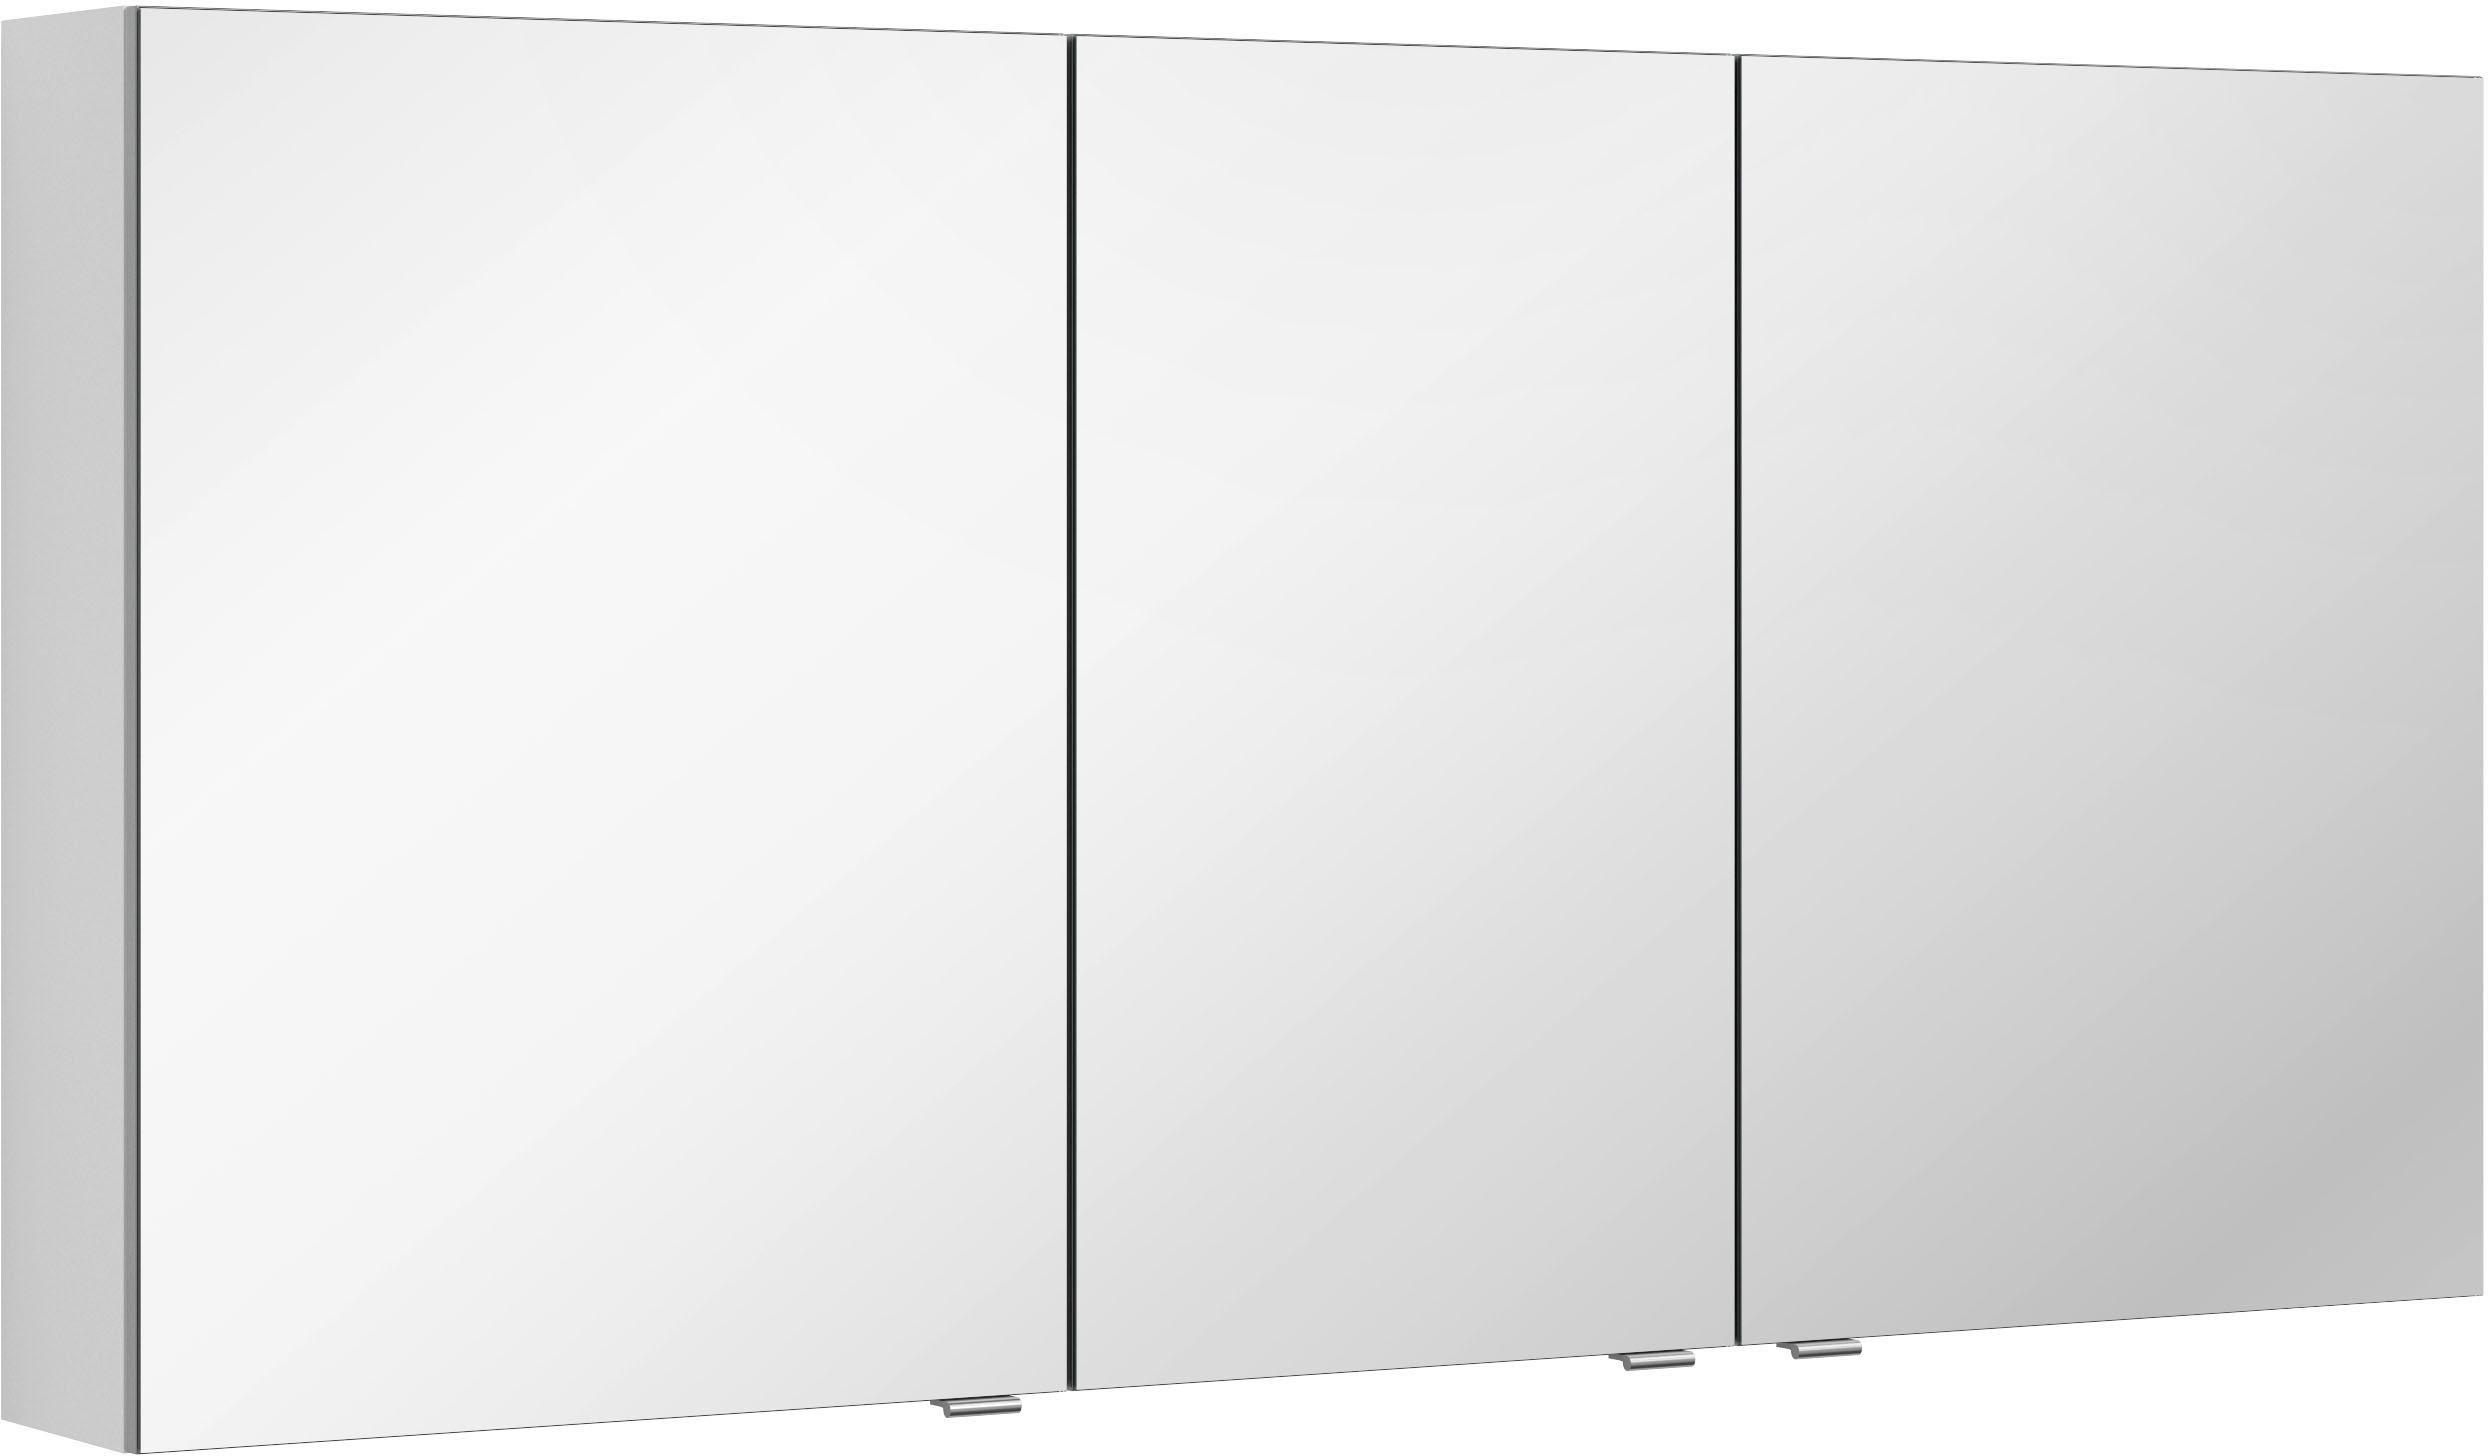 MARLIN spiegelkast 3980 met dubbelzijdig spiegelende deuren, voorgemonteerd in de webshop van OTTO kopen